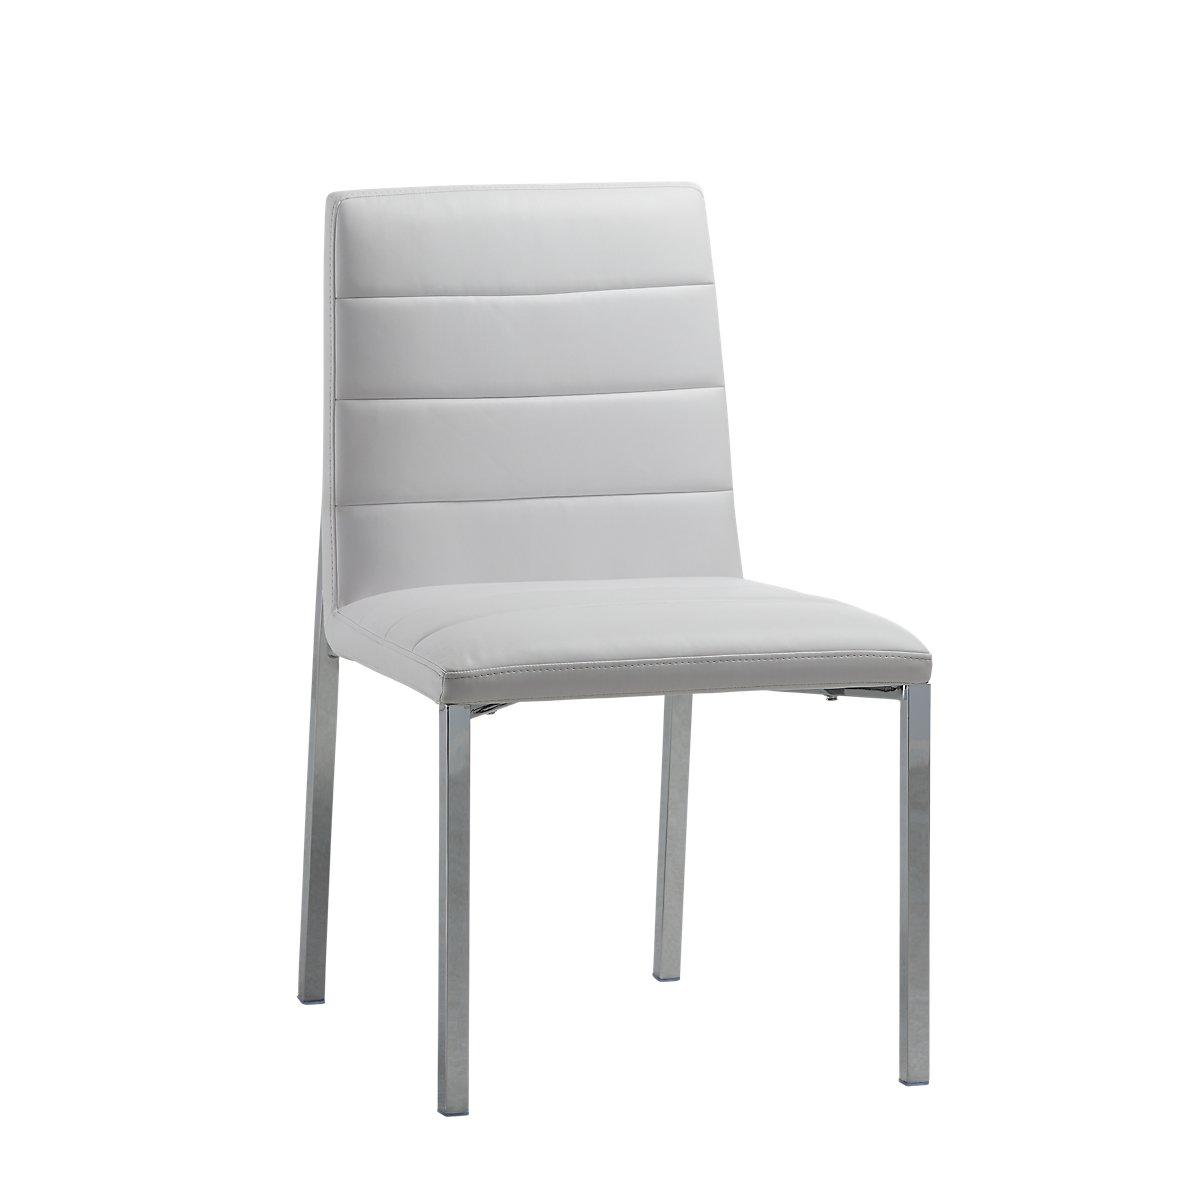 White Upholstered Furniture